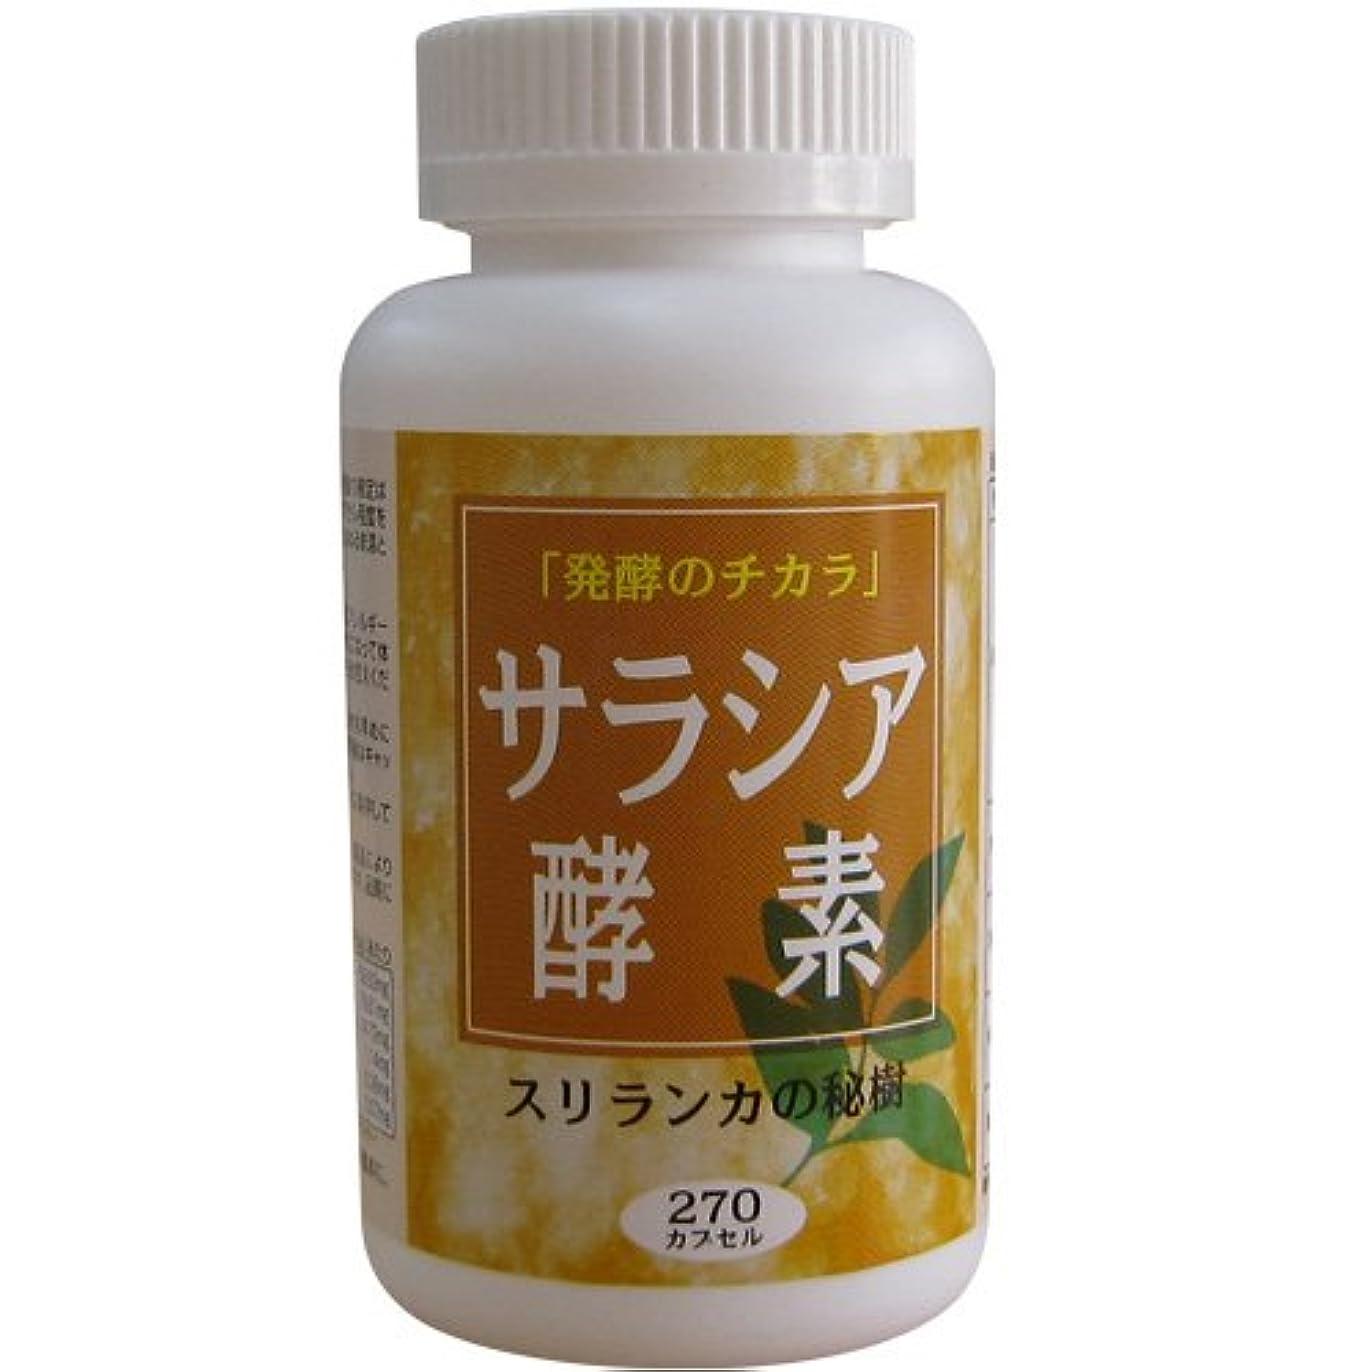 露骨な放棄する防腐剤サラシア酵素